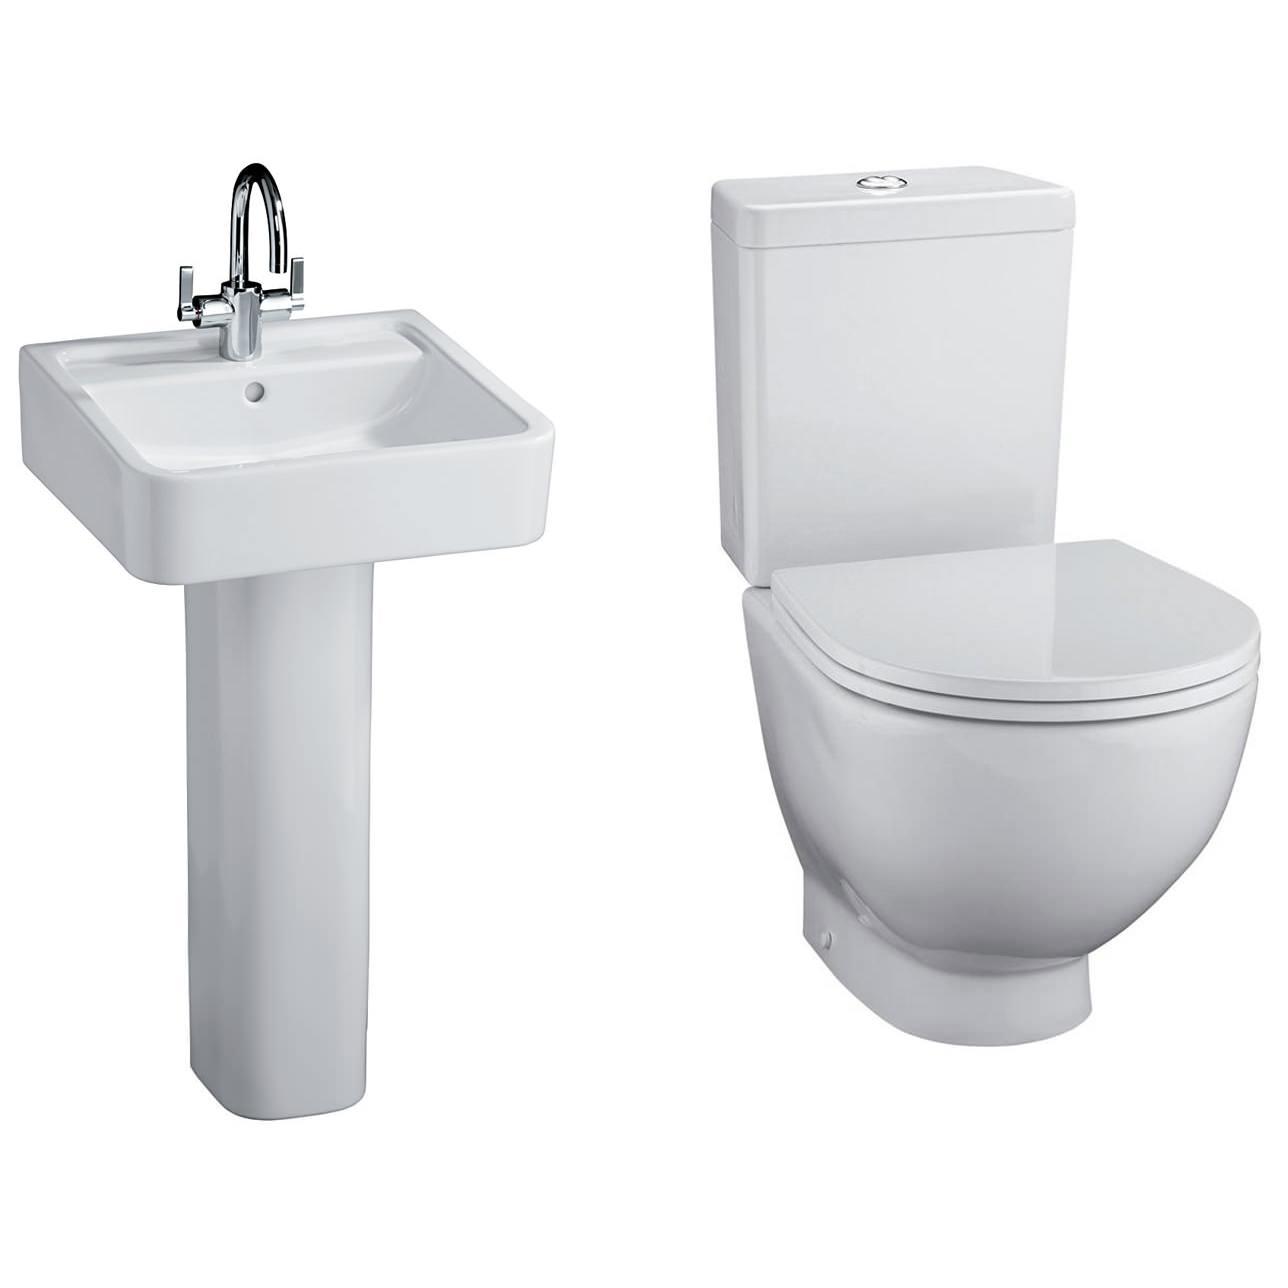 ideal standard white toilet and basin set. Black Bedroom Furniture Sets. Home Design Ideas